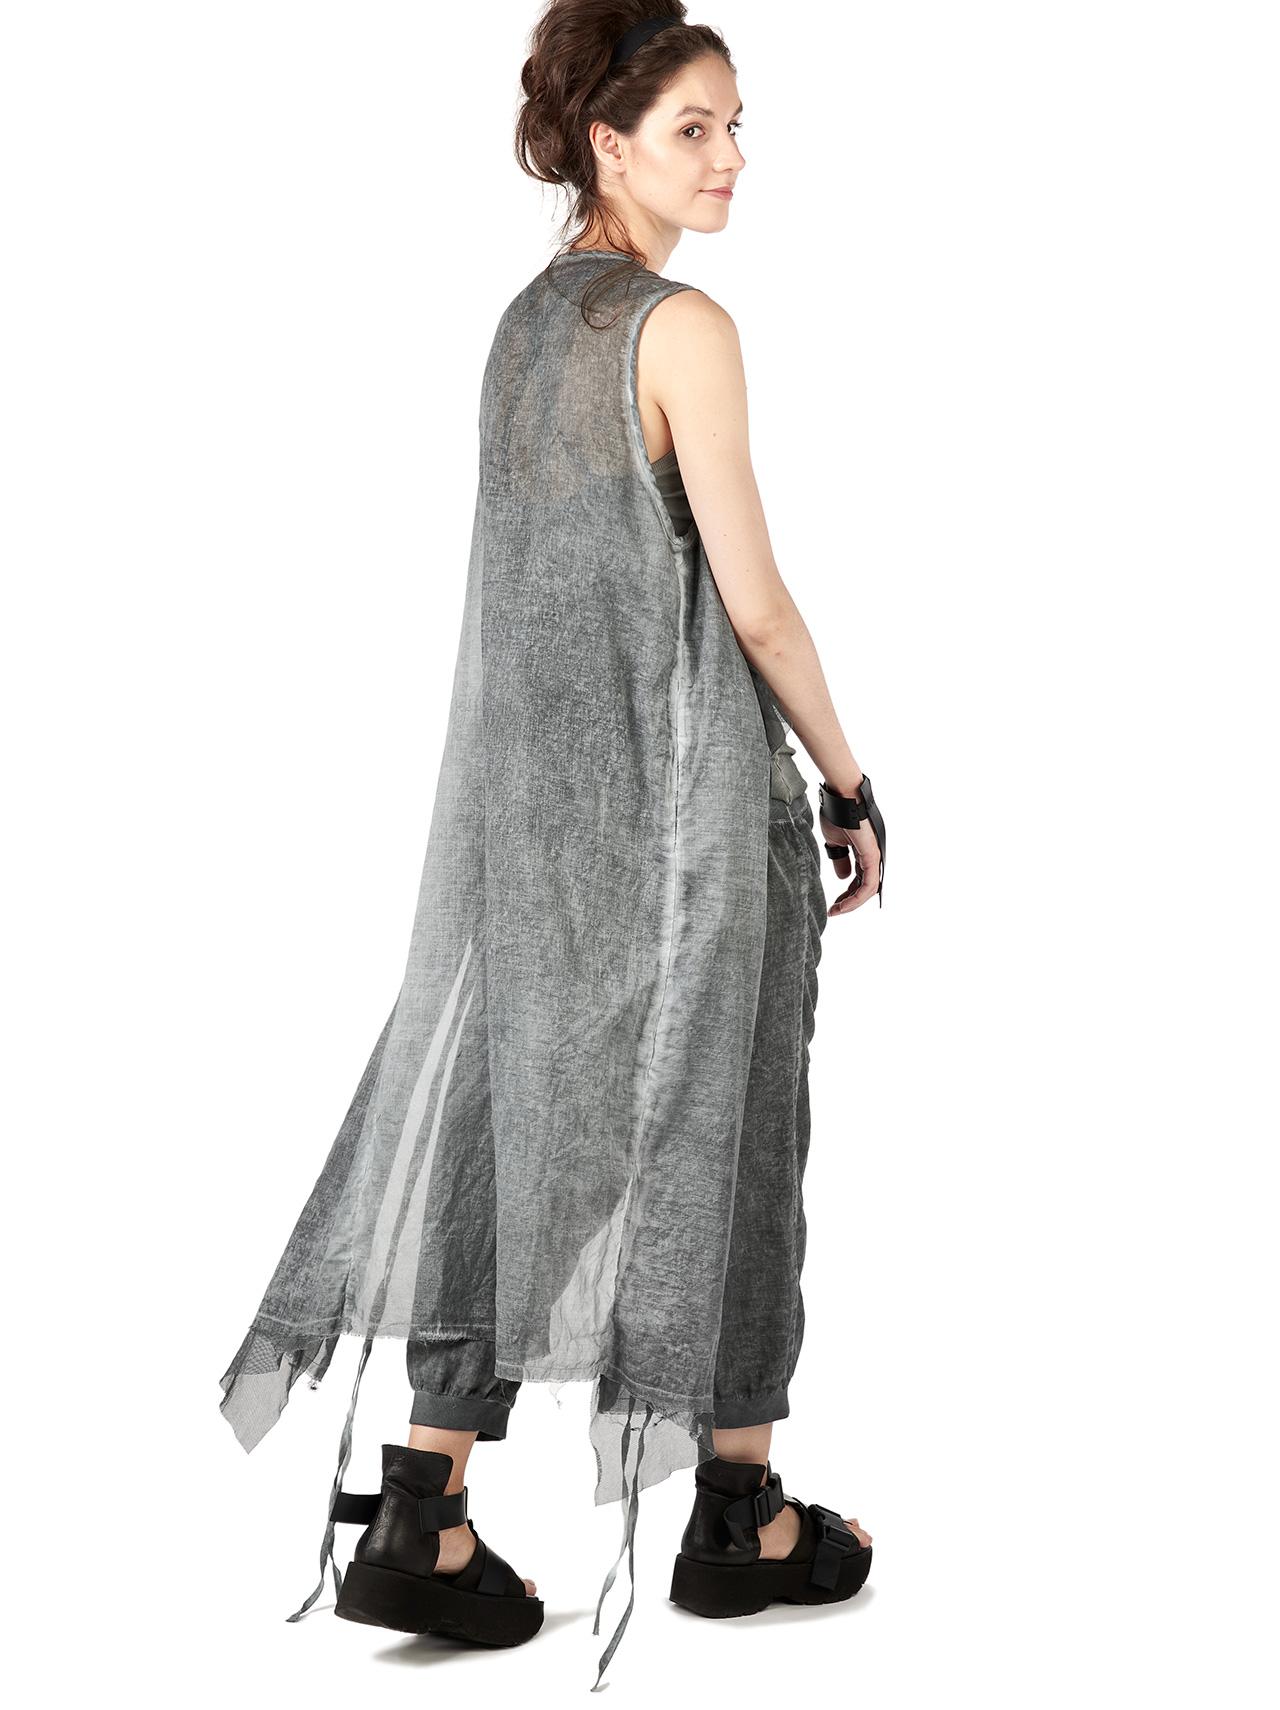 LINYA vest